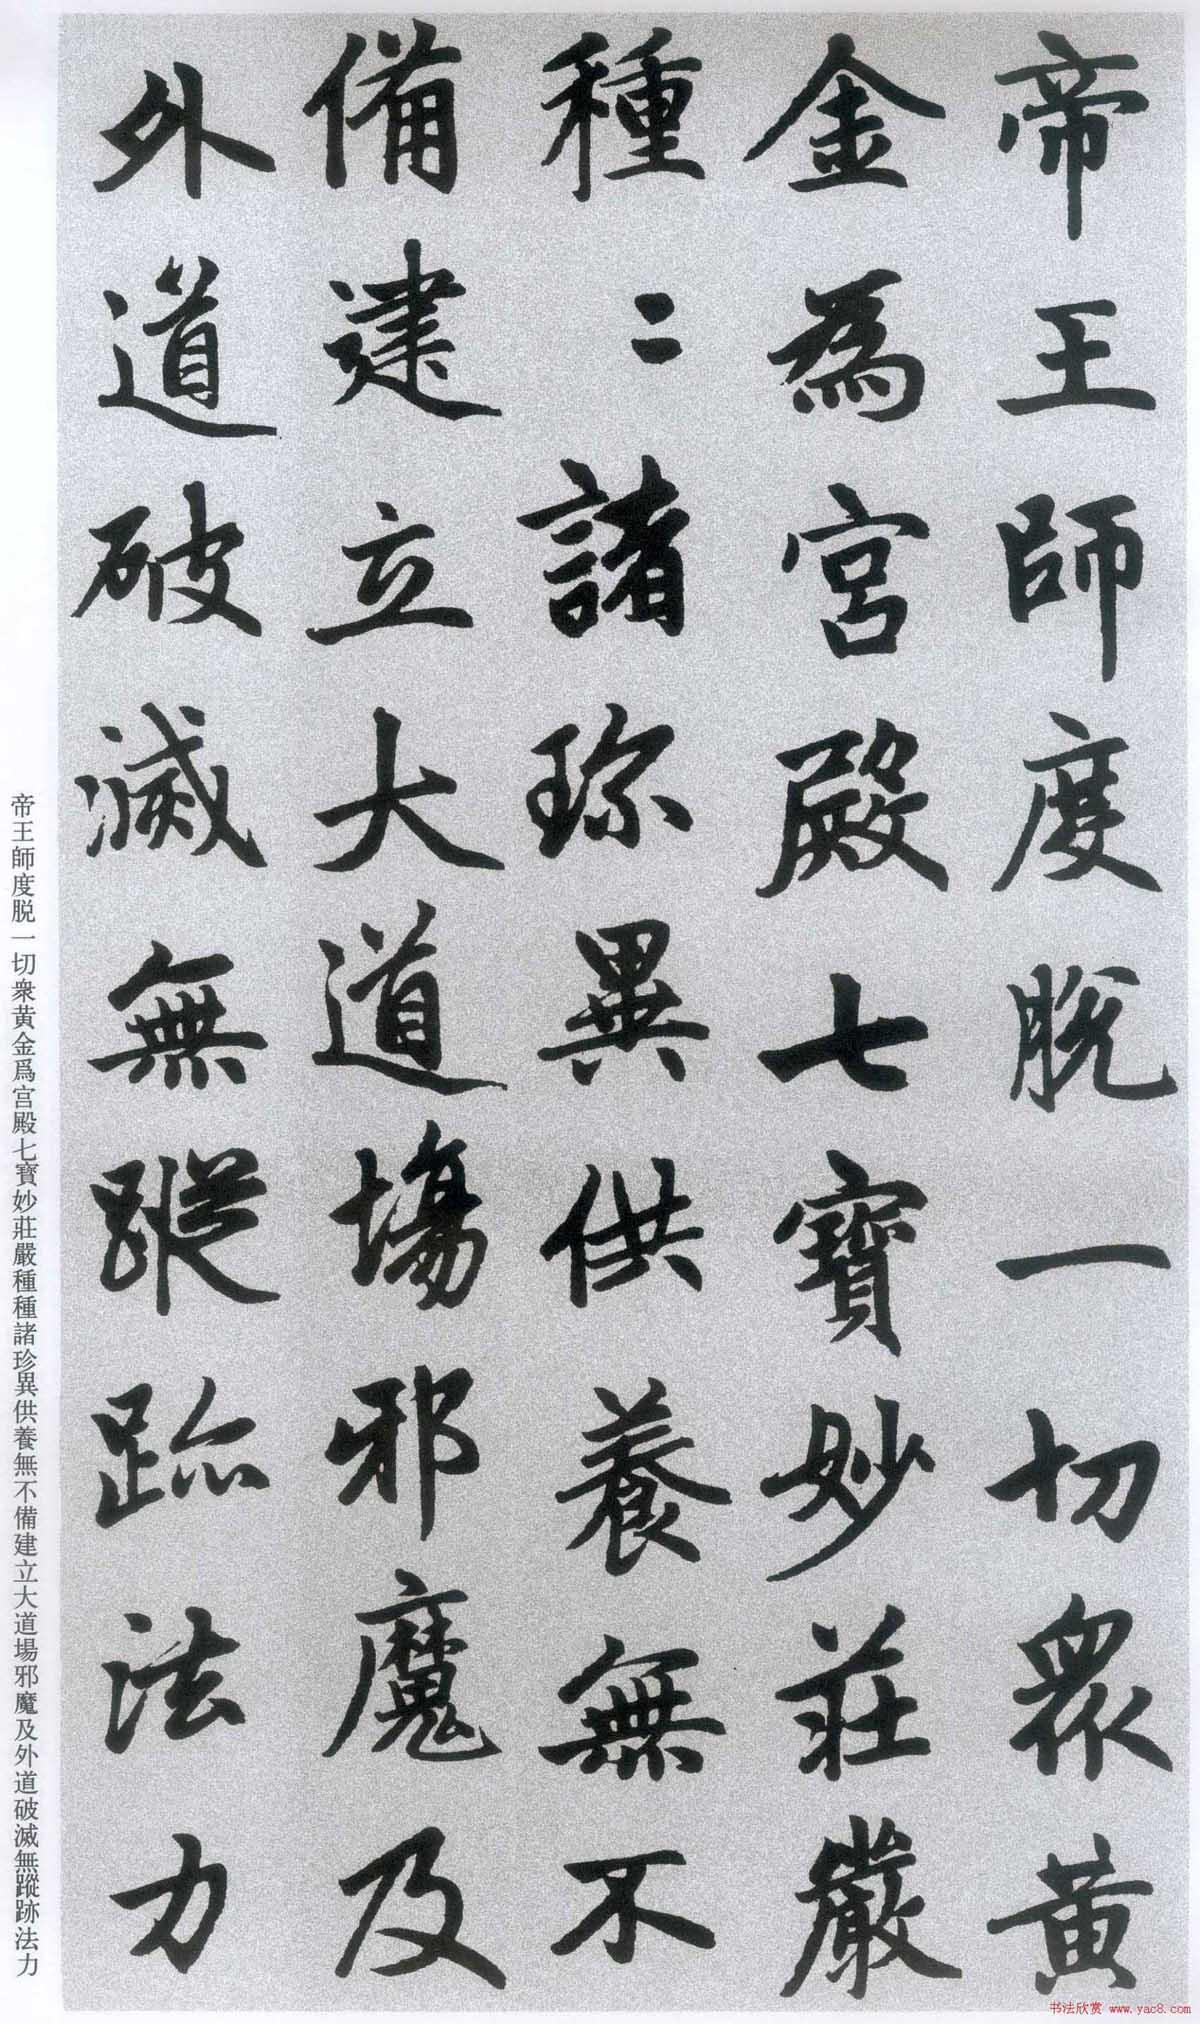 楷书字帖:赵孟頫放大楷书《胆巴碑》